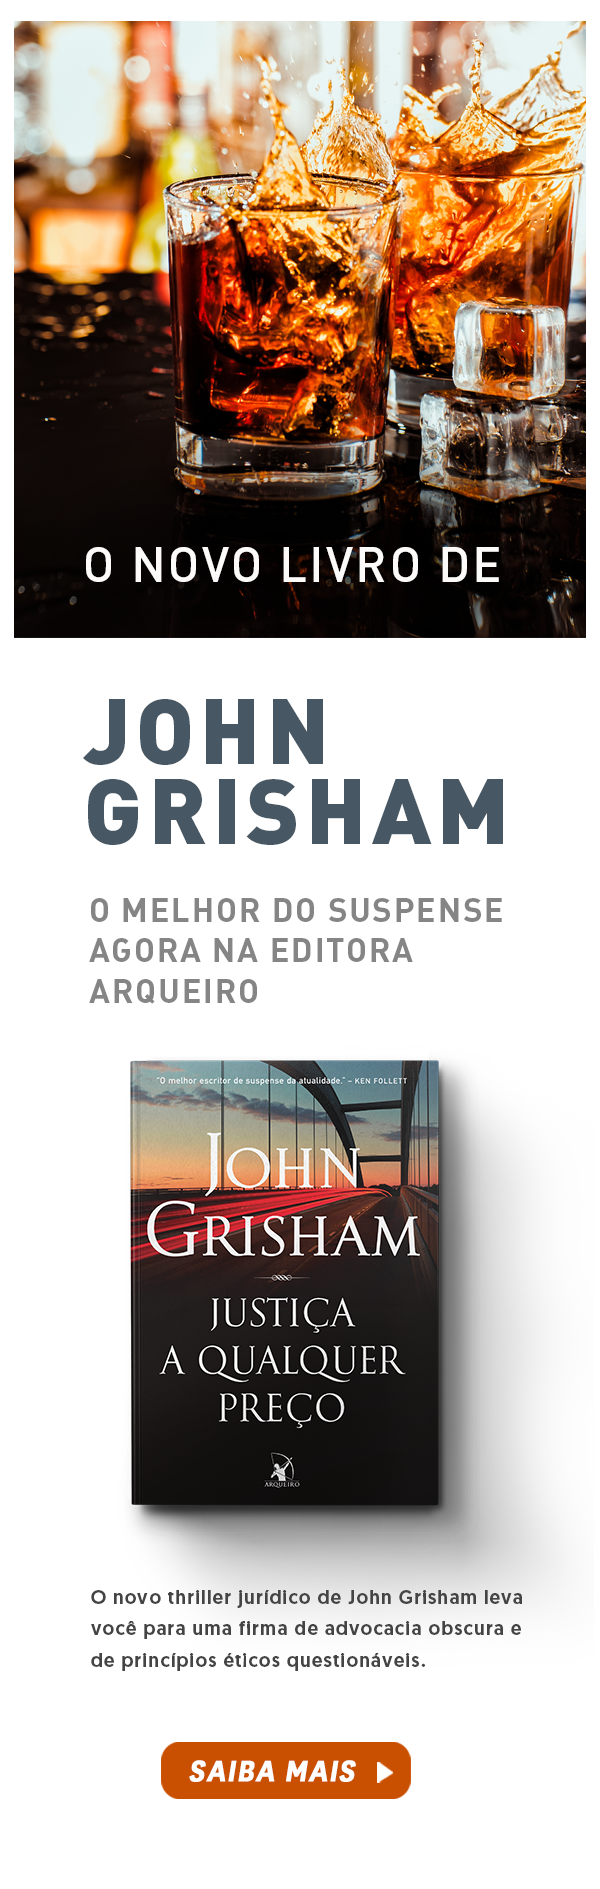 LANÇAMENTO || NOVO LIVRO DE JOHN GRISHAM